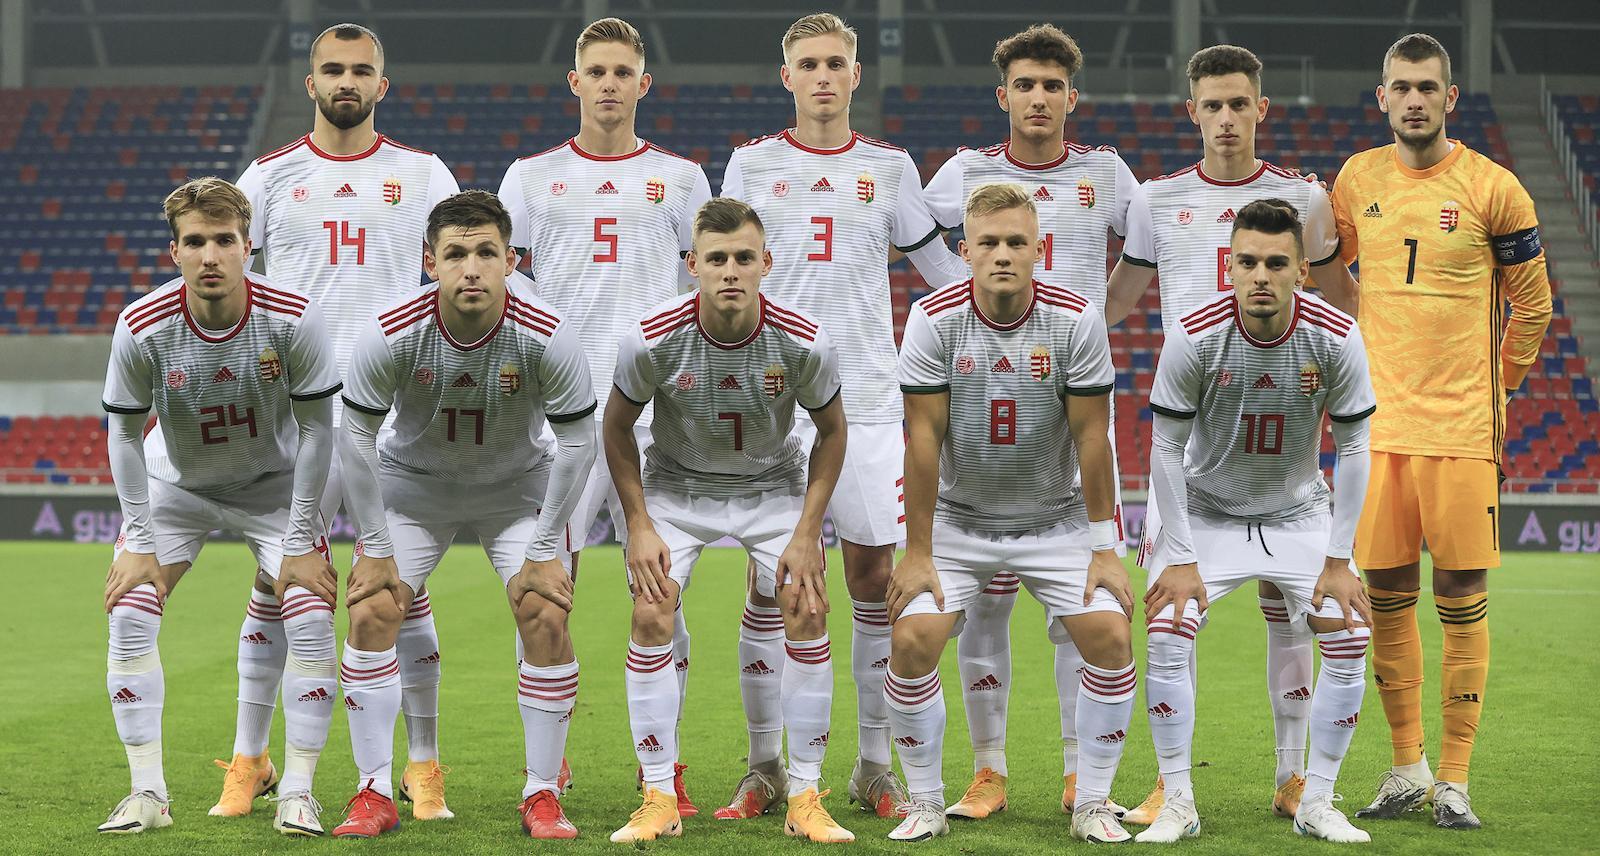 Játékosainkkal nyert az U21-es válogatott, Palincsár gólpasszt adott